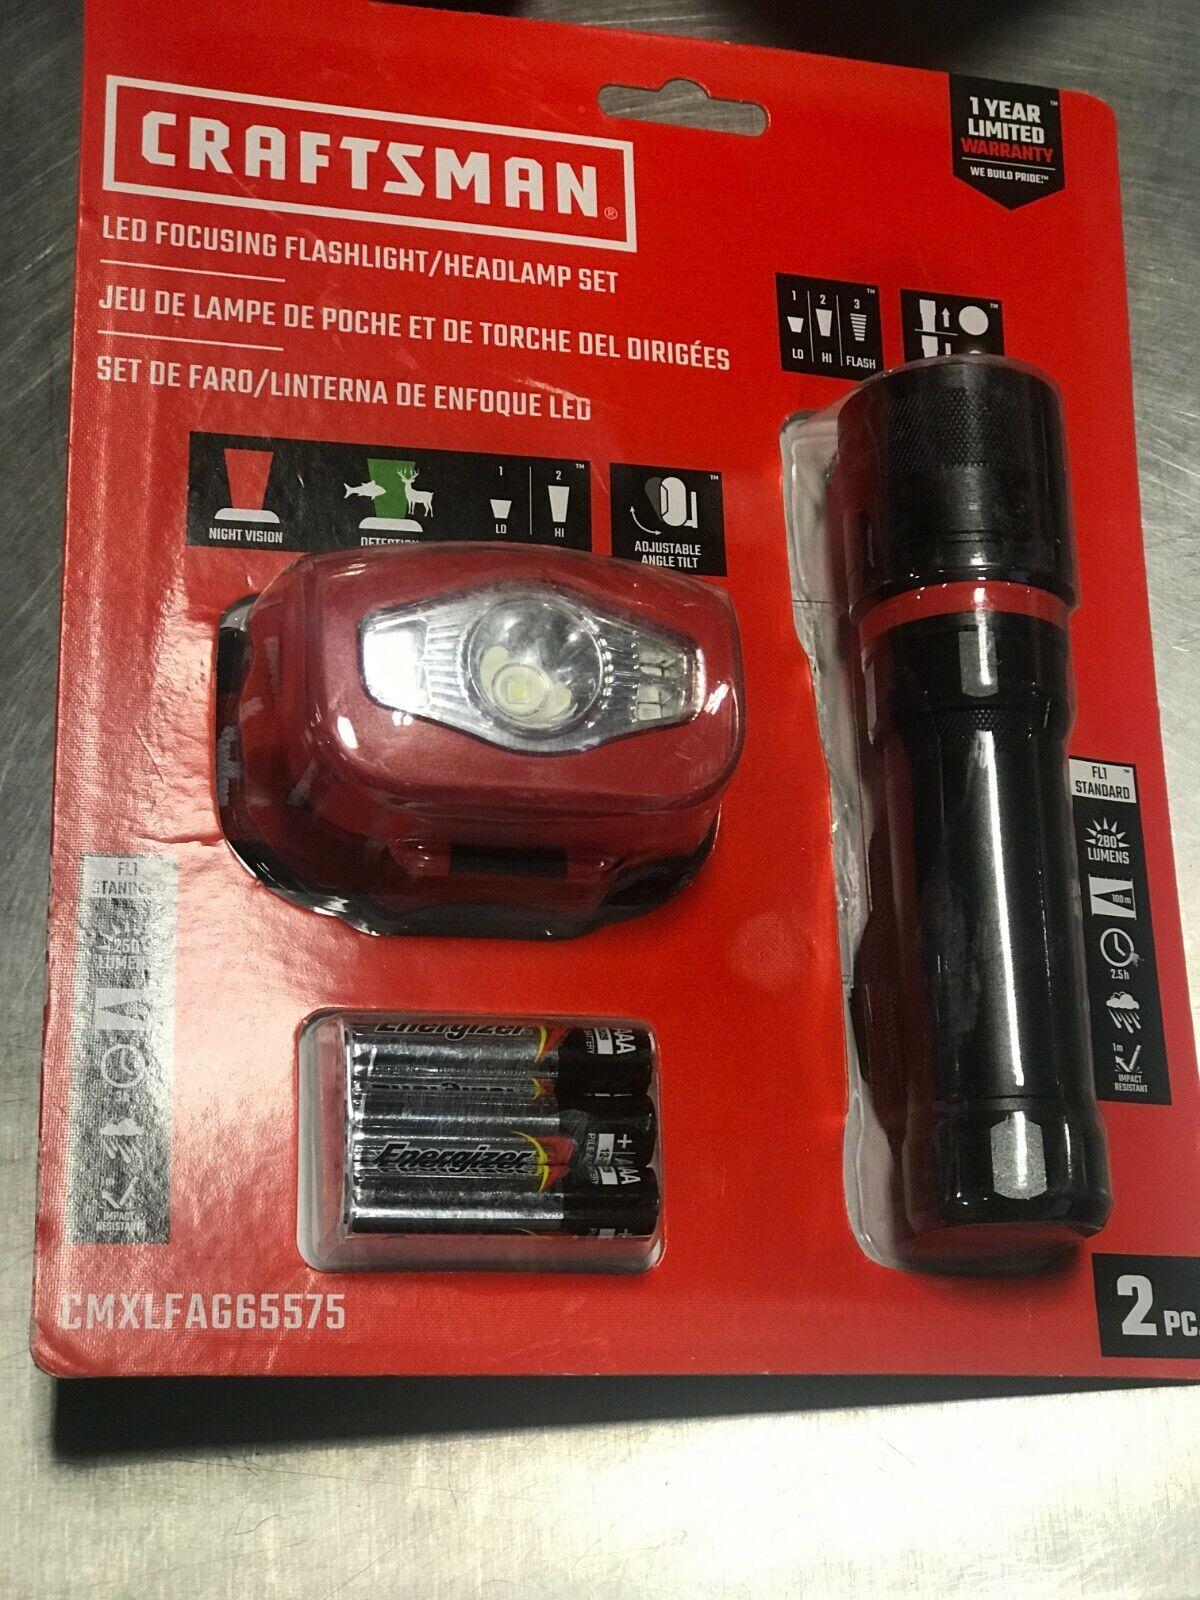 New Craftsman cmxlfaf 5-350 LM DEL Portable Lampe de Poche